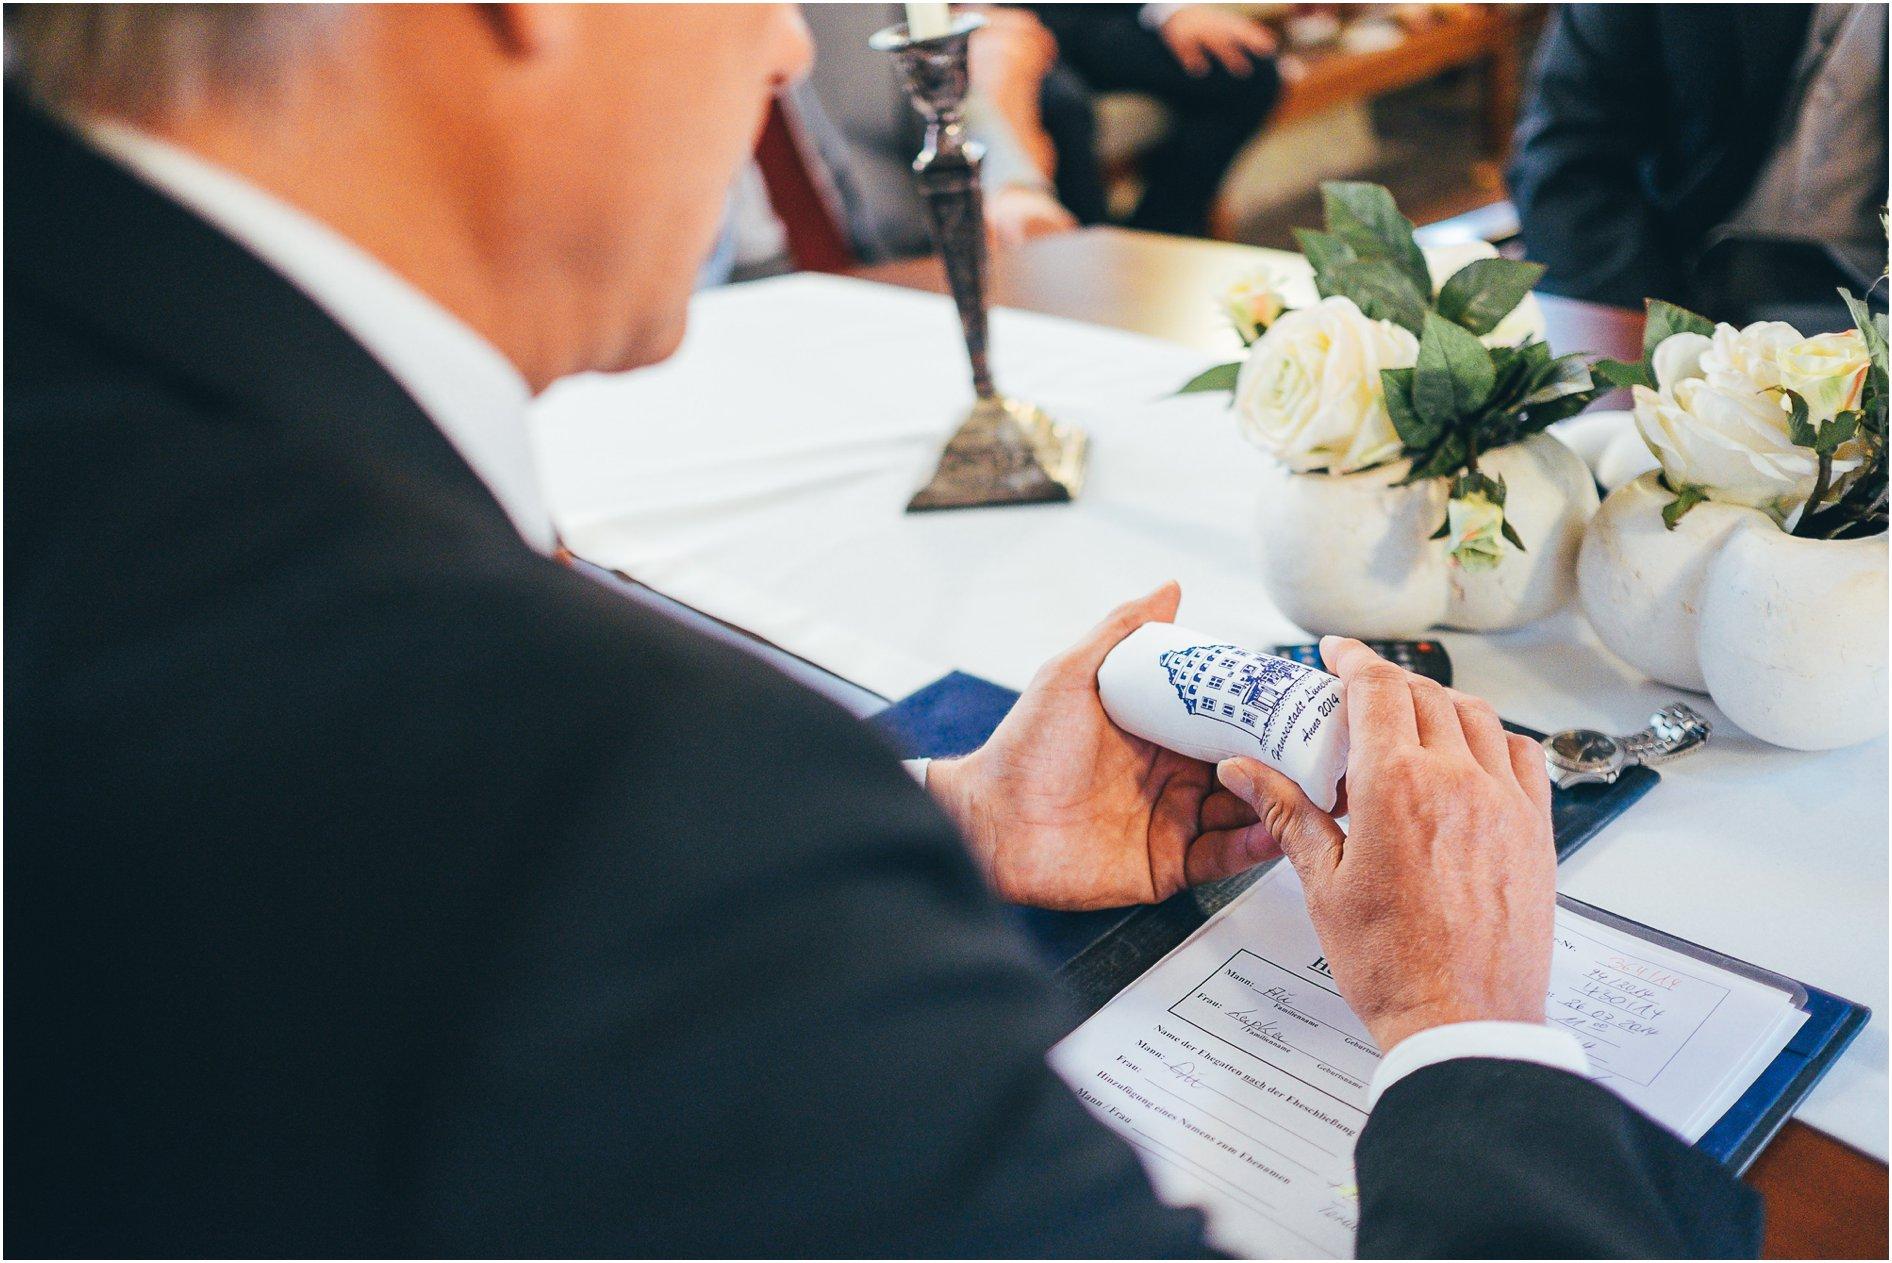 2014-10-13_0023 Jenny & Matthias - Hochzeitsfotograf auf Gut Bardenhagen